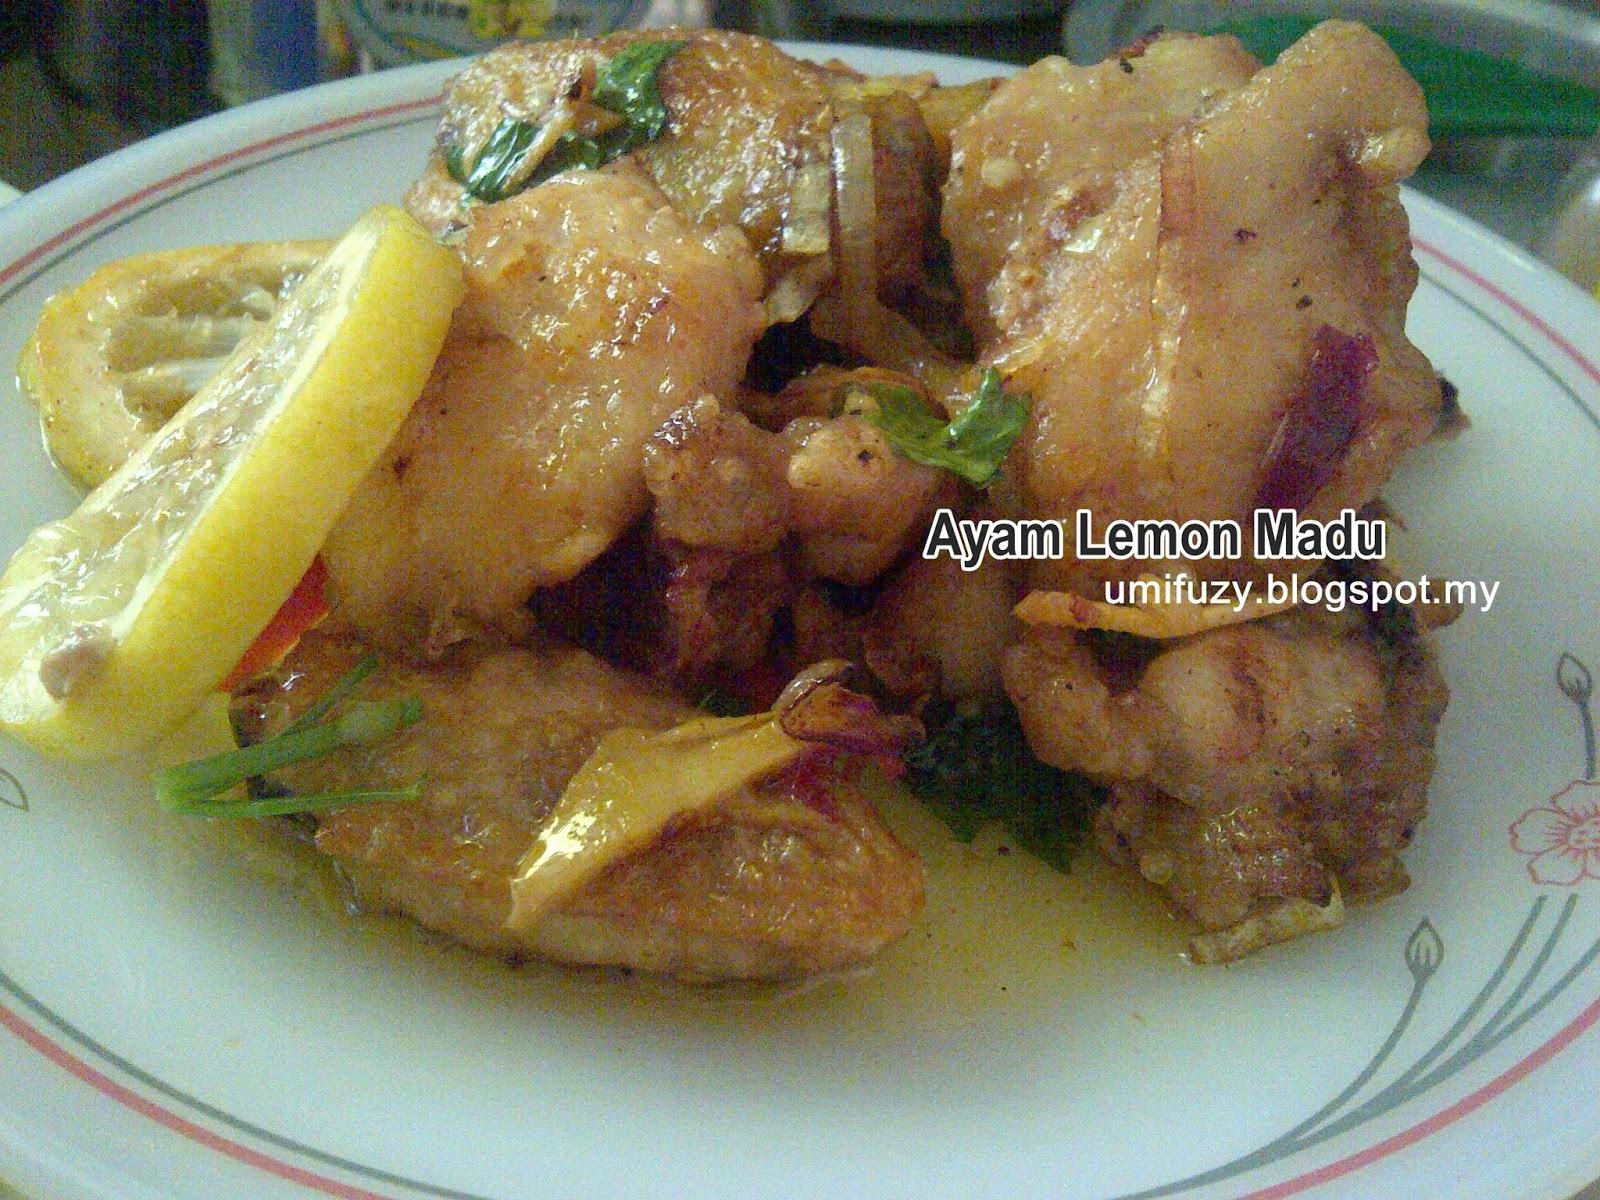 Resepi Ayam Lemon Madu Umifuzydotcom Tasnim Hitam Herbal Istimewa Dari Bahan Pilihan